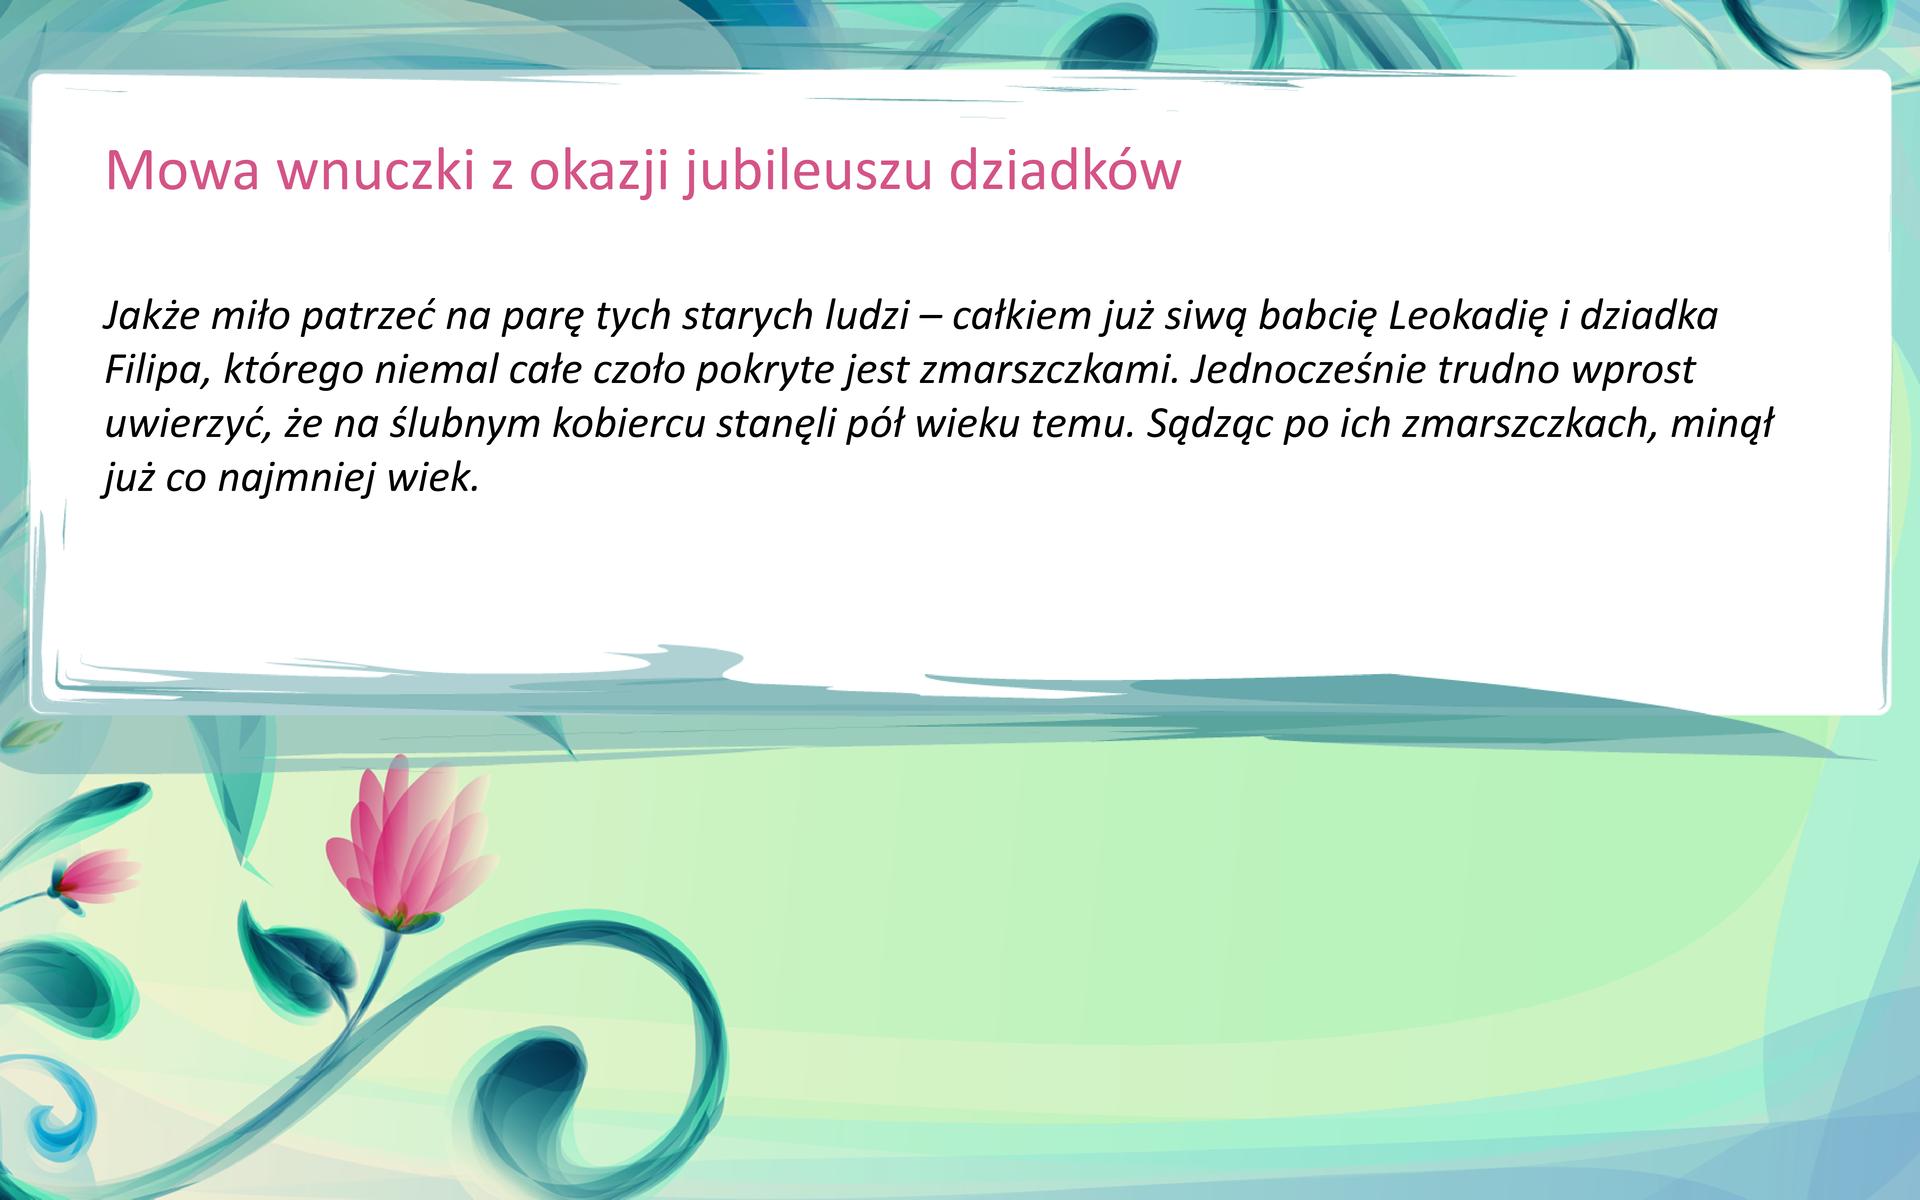 1. 1. Źródło: Contentplus.pl sp. zo.o., licencja: CC BY 4.0.